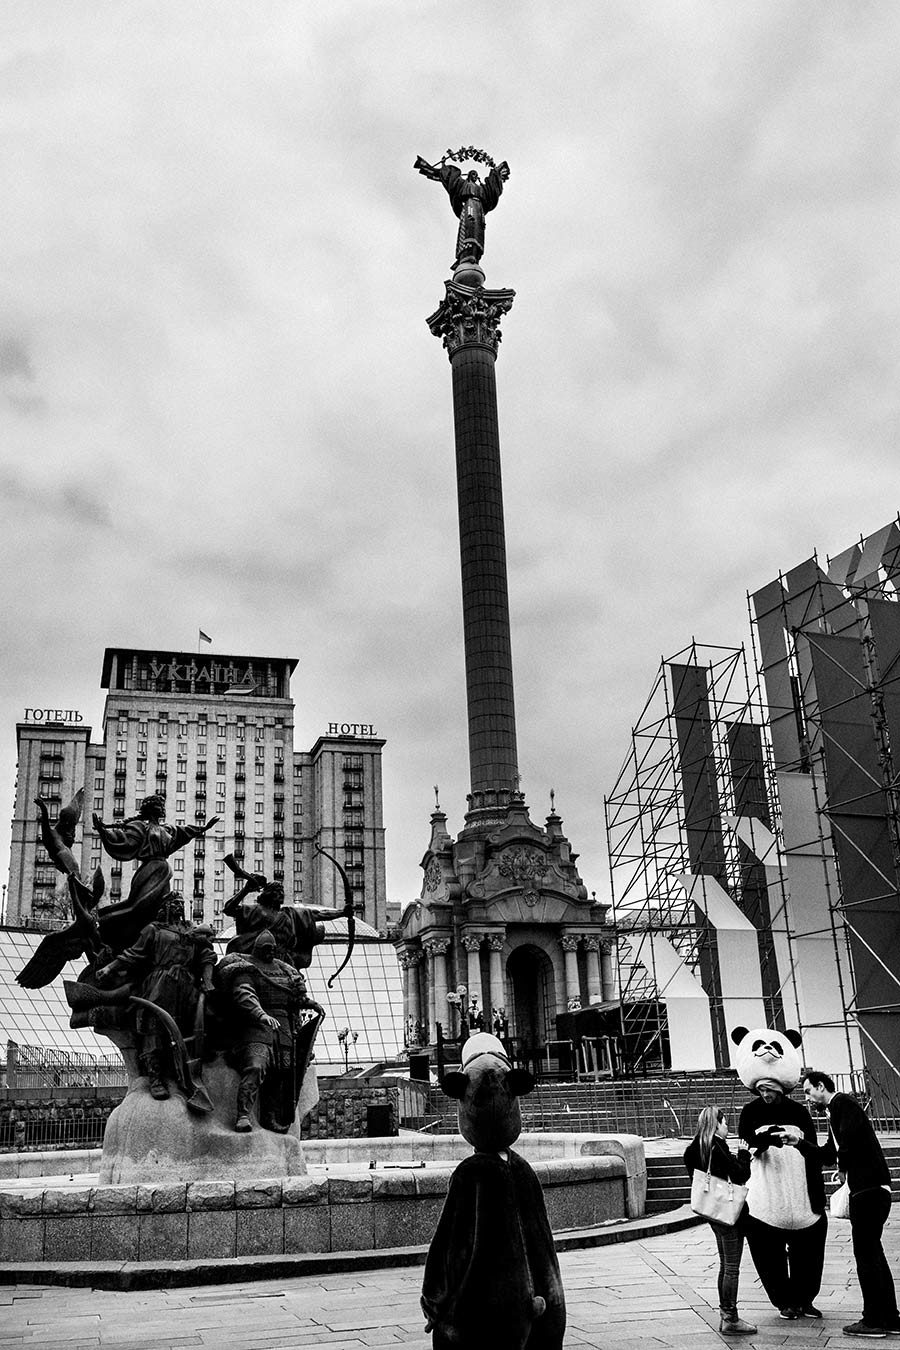 kiew_ukraine_antjekroeger